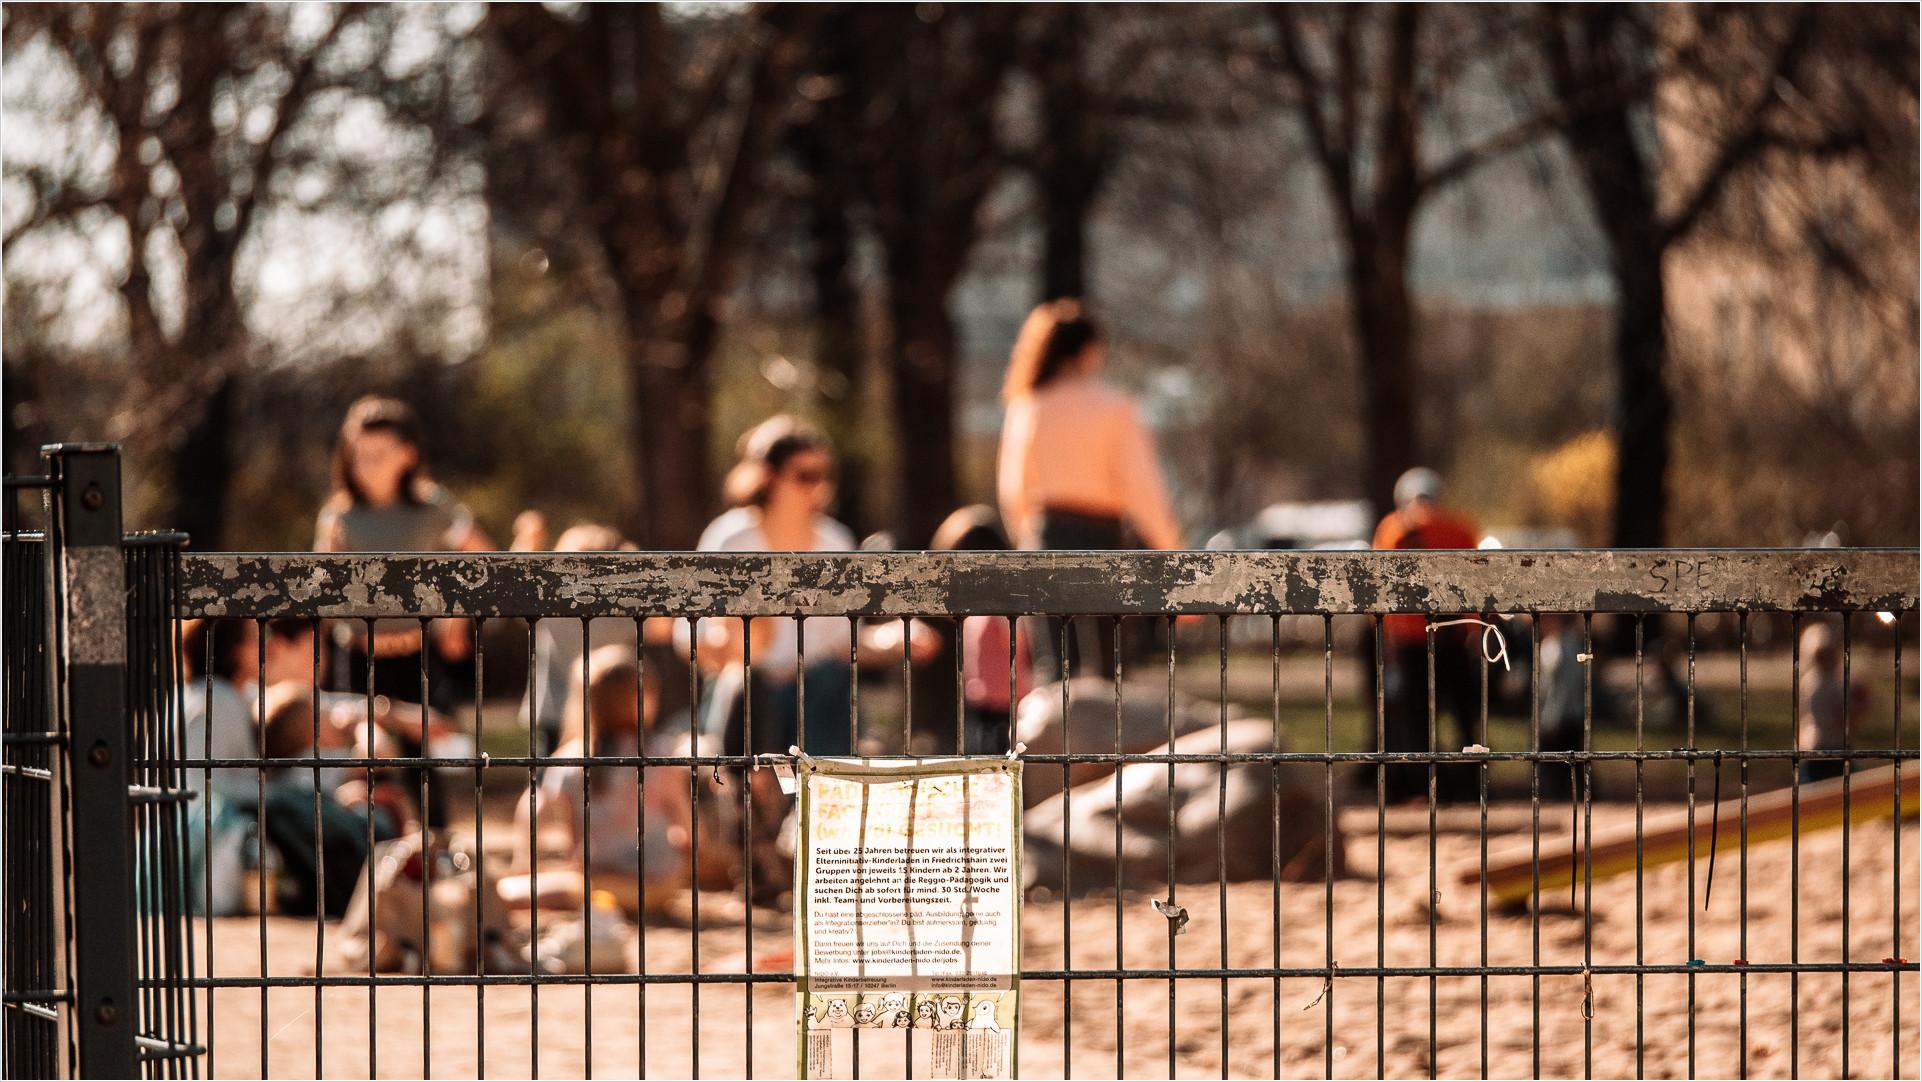 Besucher eines Spielplatzes, unscharf hinter Zaun